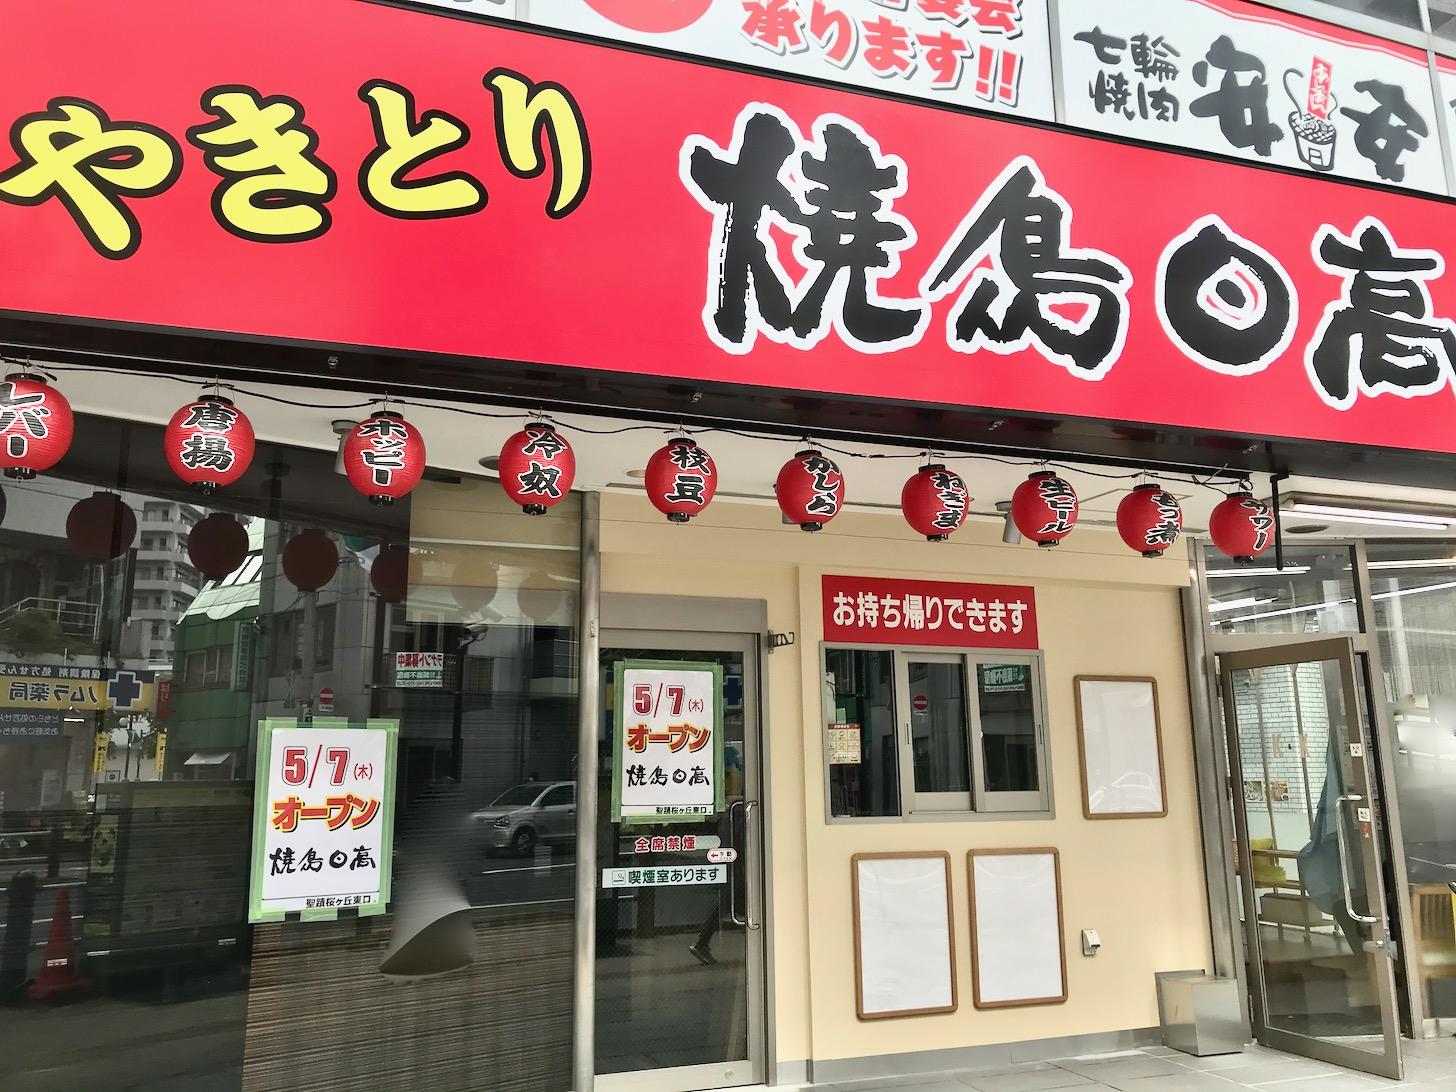 焼鳥日高 聖蹟桜ヶ丘東口店のオープン日が5/7(木)に変更されてました